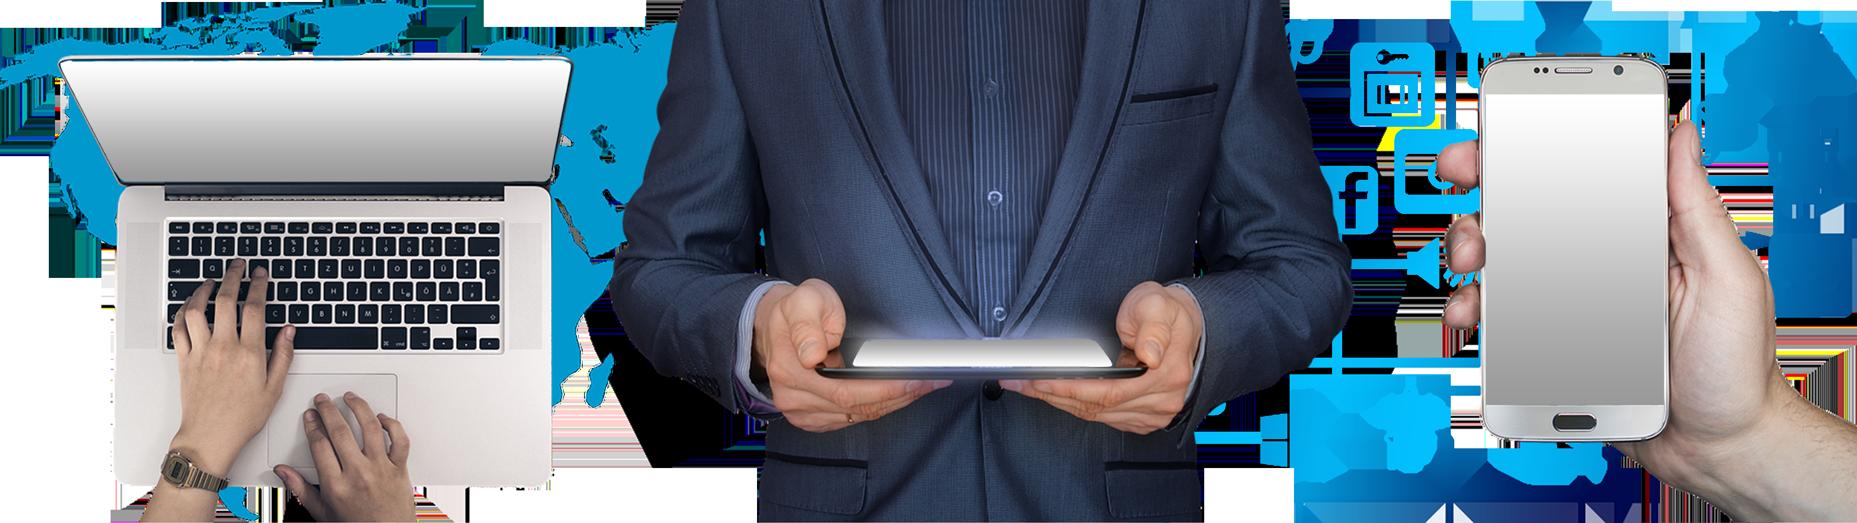 Présence web ordinateur smartphone tablette